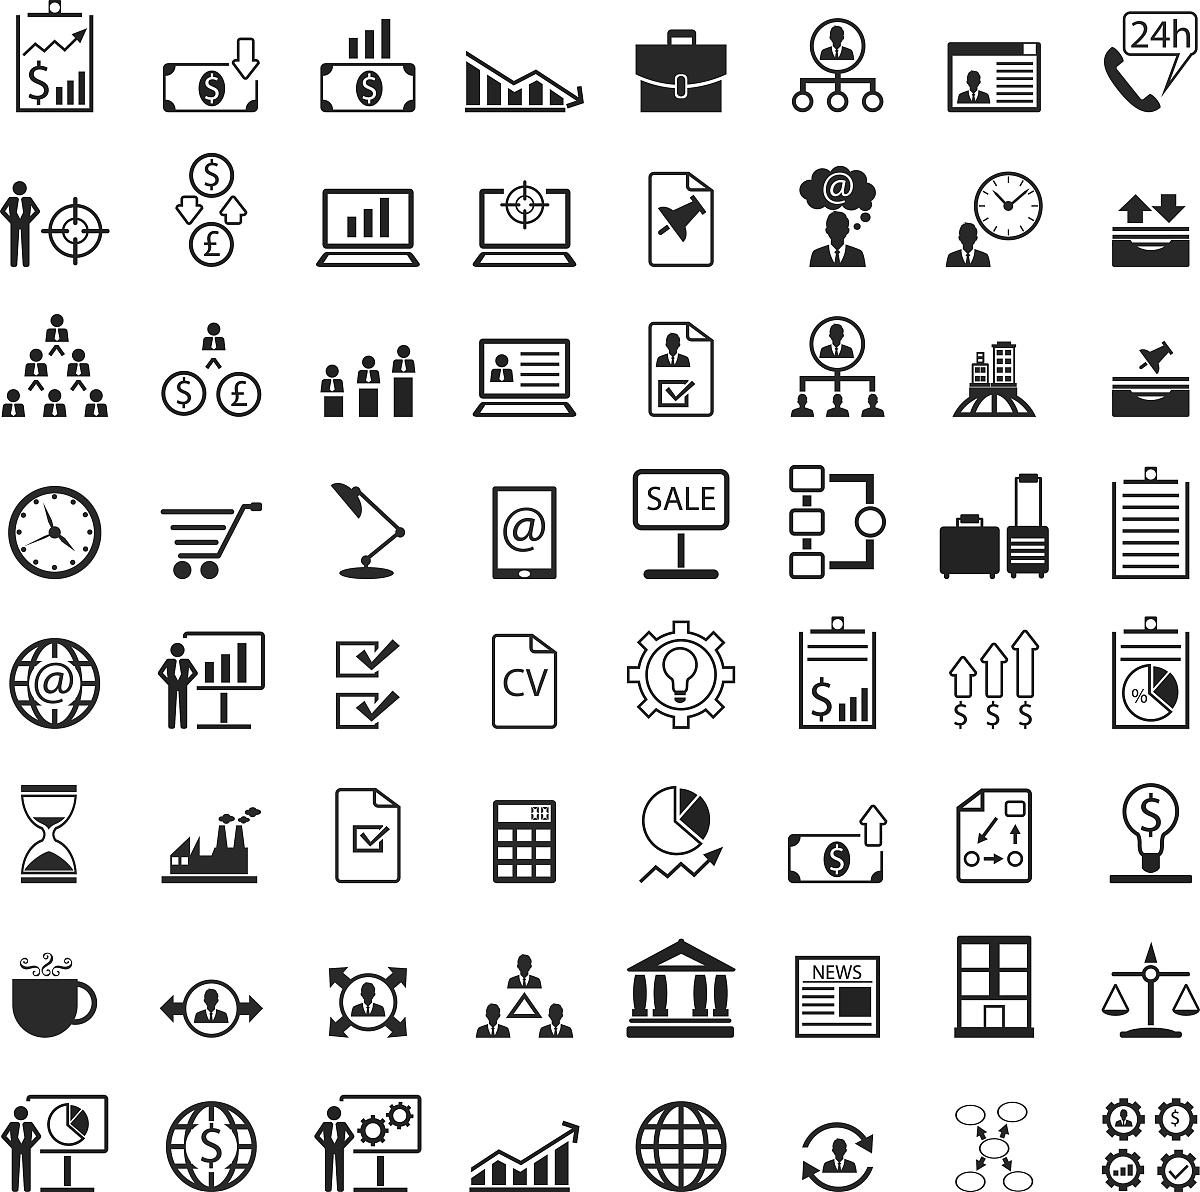 图,联系,简历,相伴,信函,技术,平衡,宾馆套房,想法,货币,图标,消息图片